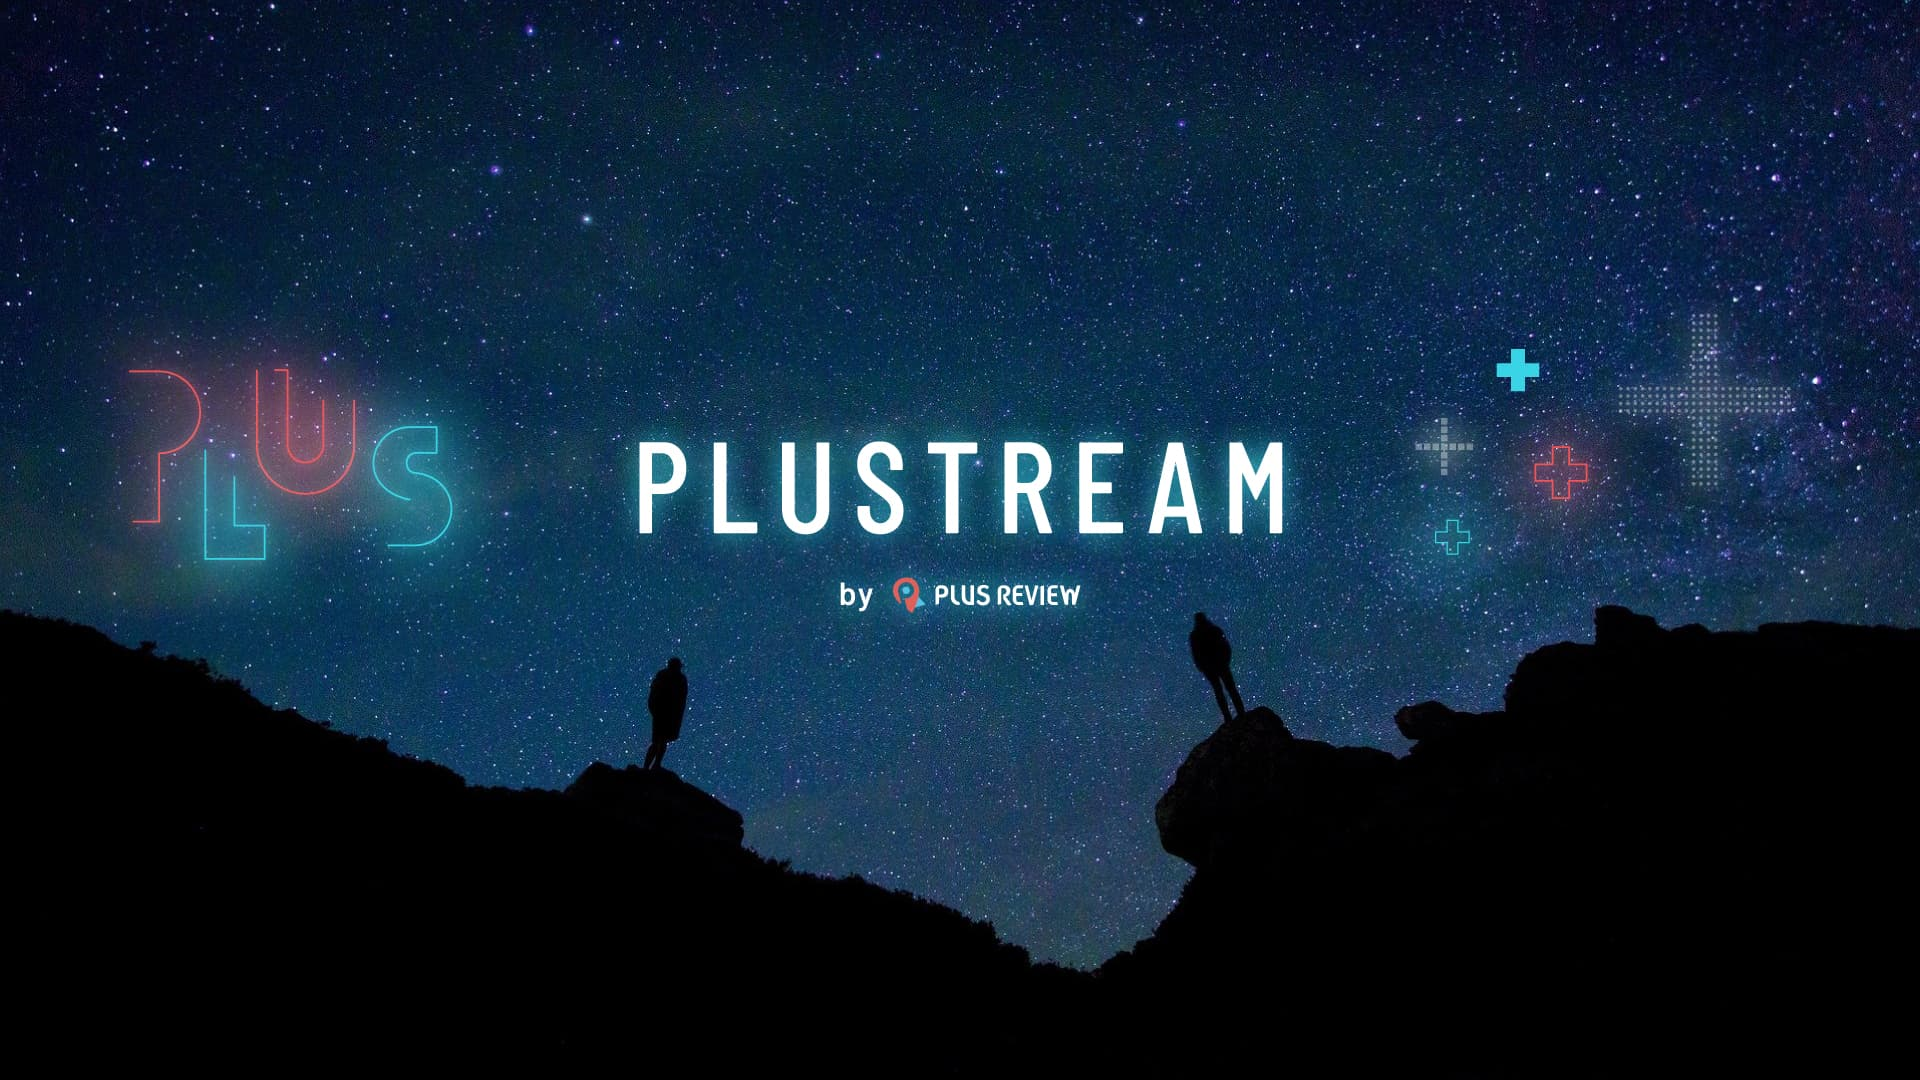 PLUSTREAM